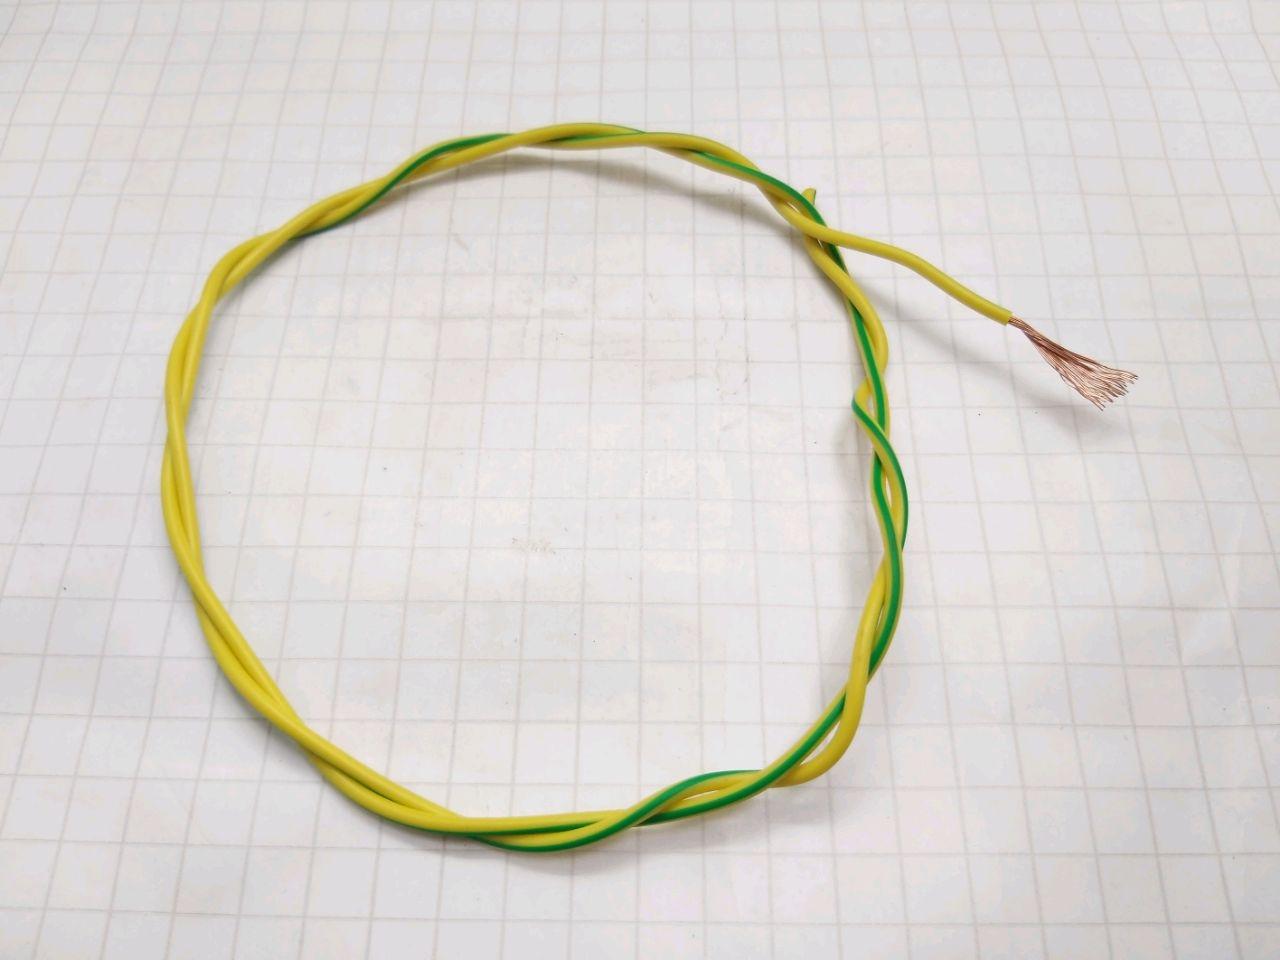 Cablu electric PV-3 1,5 (galben-verde)